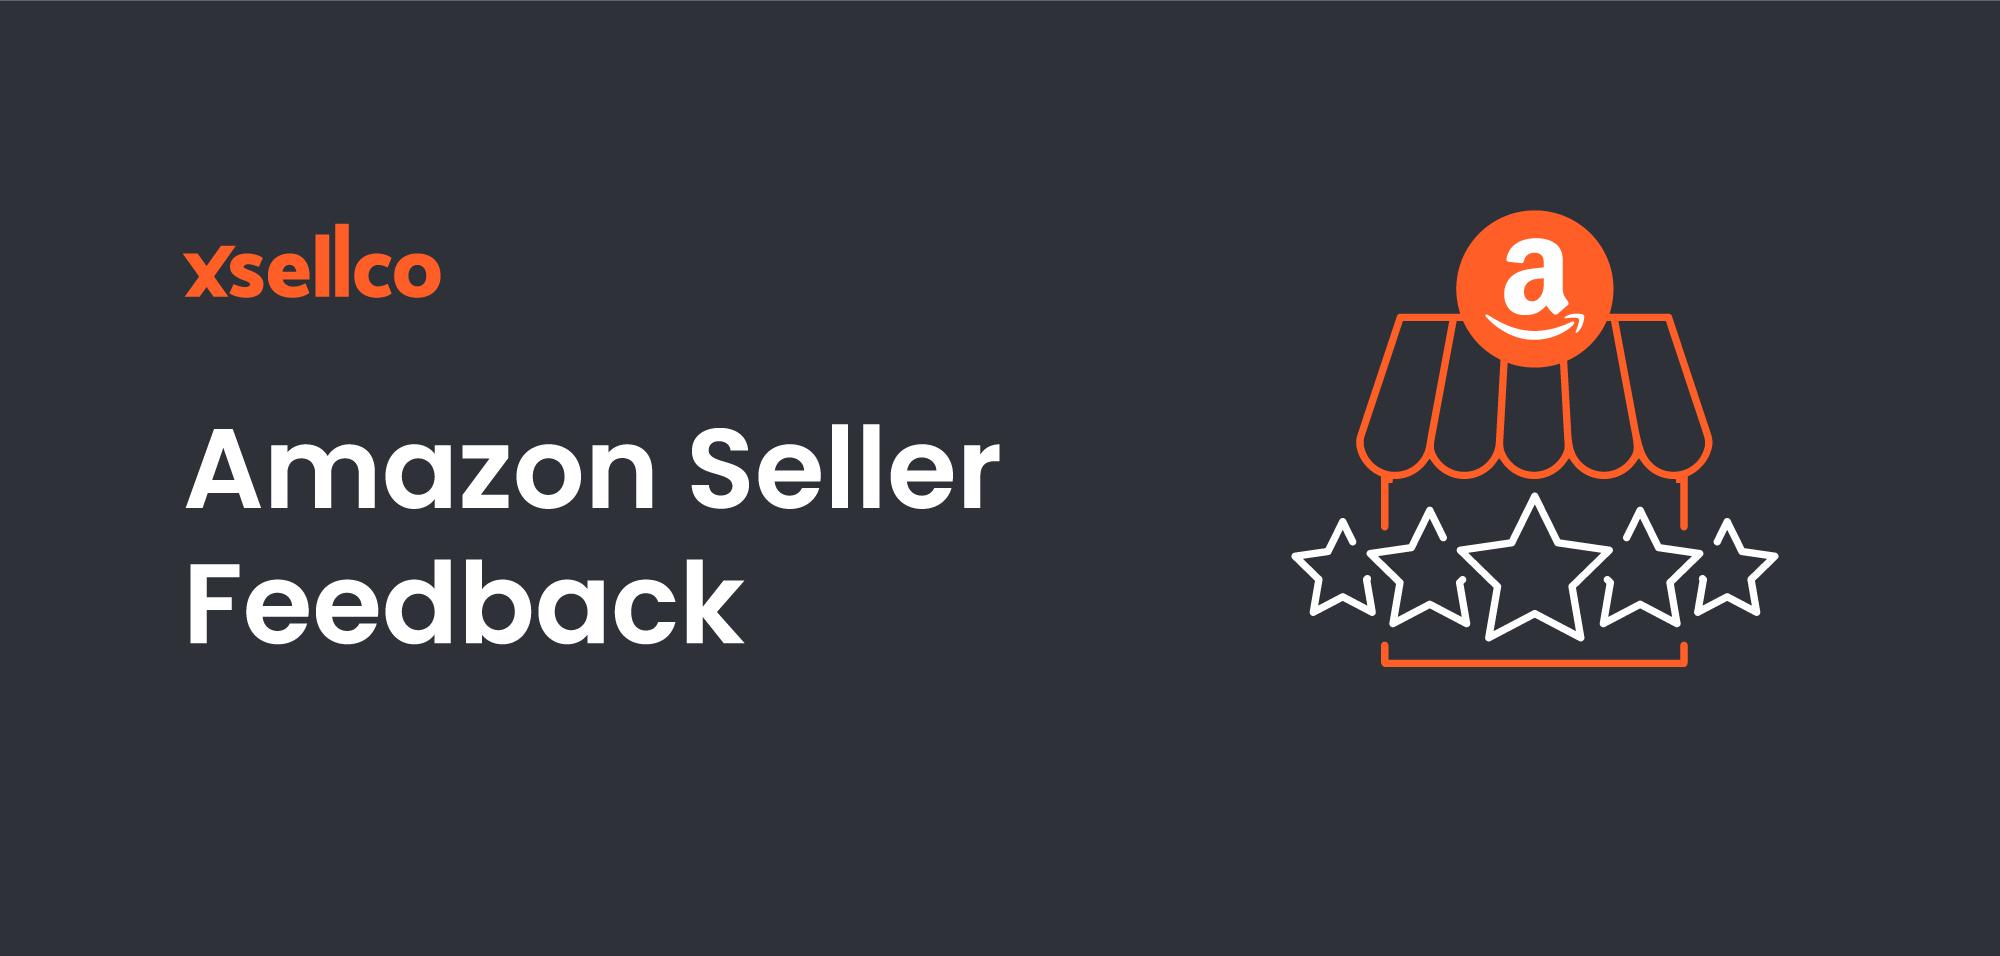 Amazon seller feedback